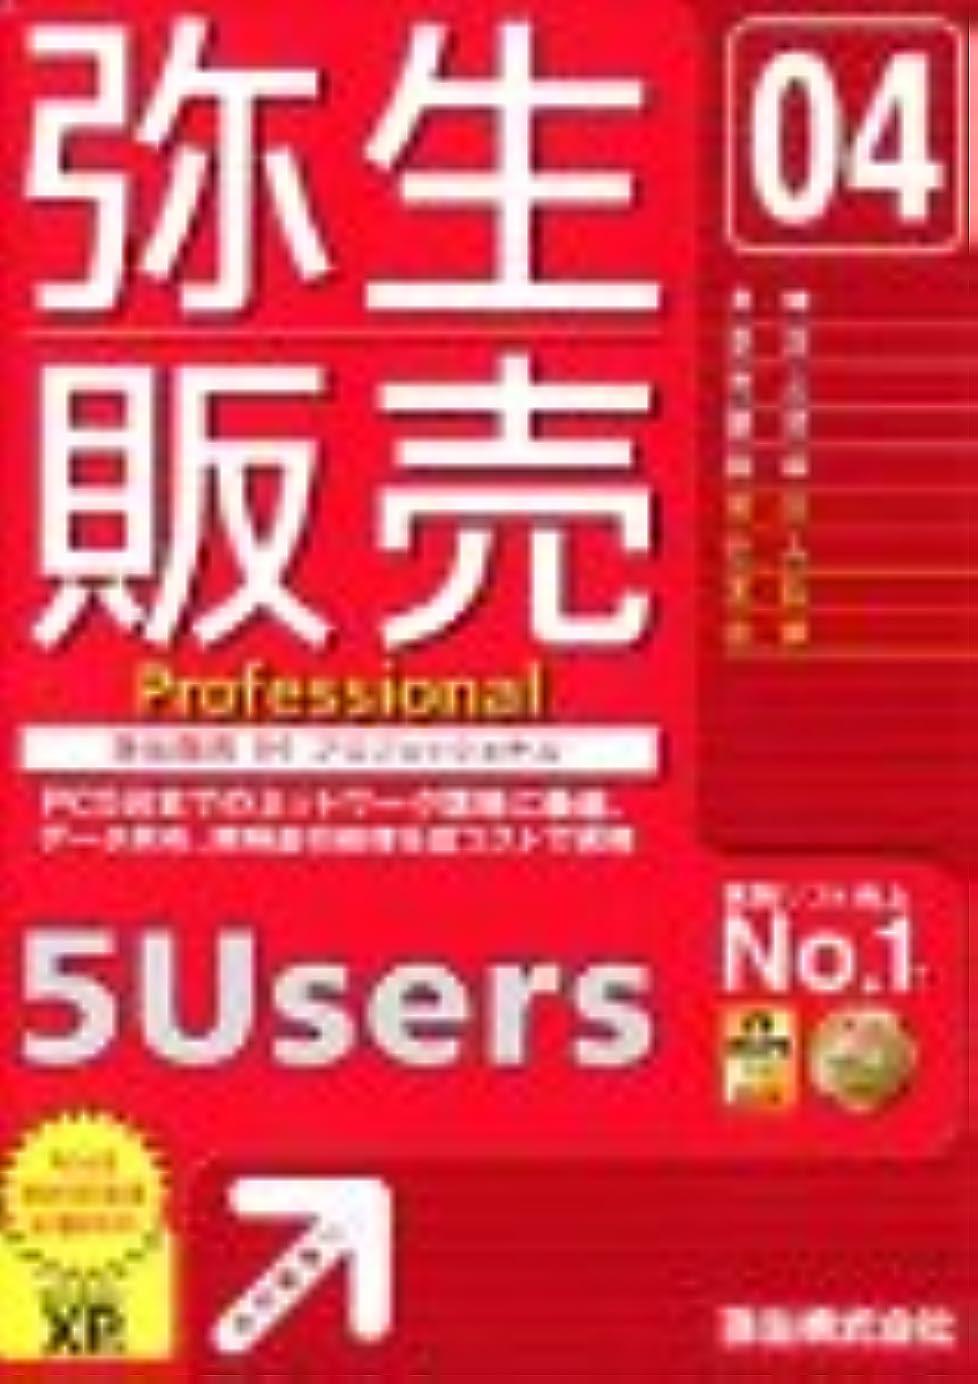 チーターグッゲンハイム美術館モットー【旧商品】弥生販売 04 Professional 5Users